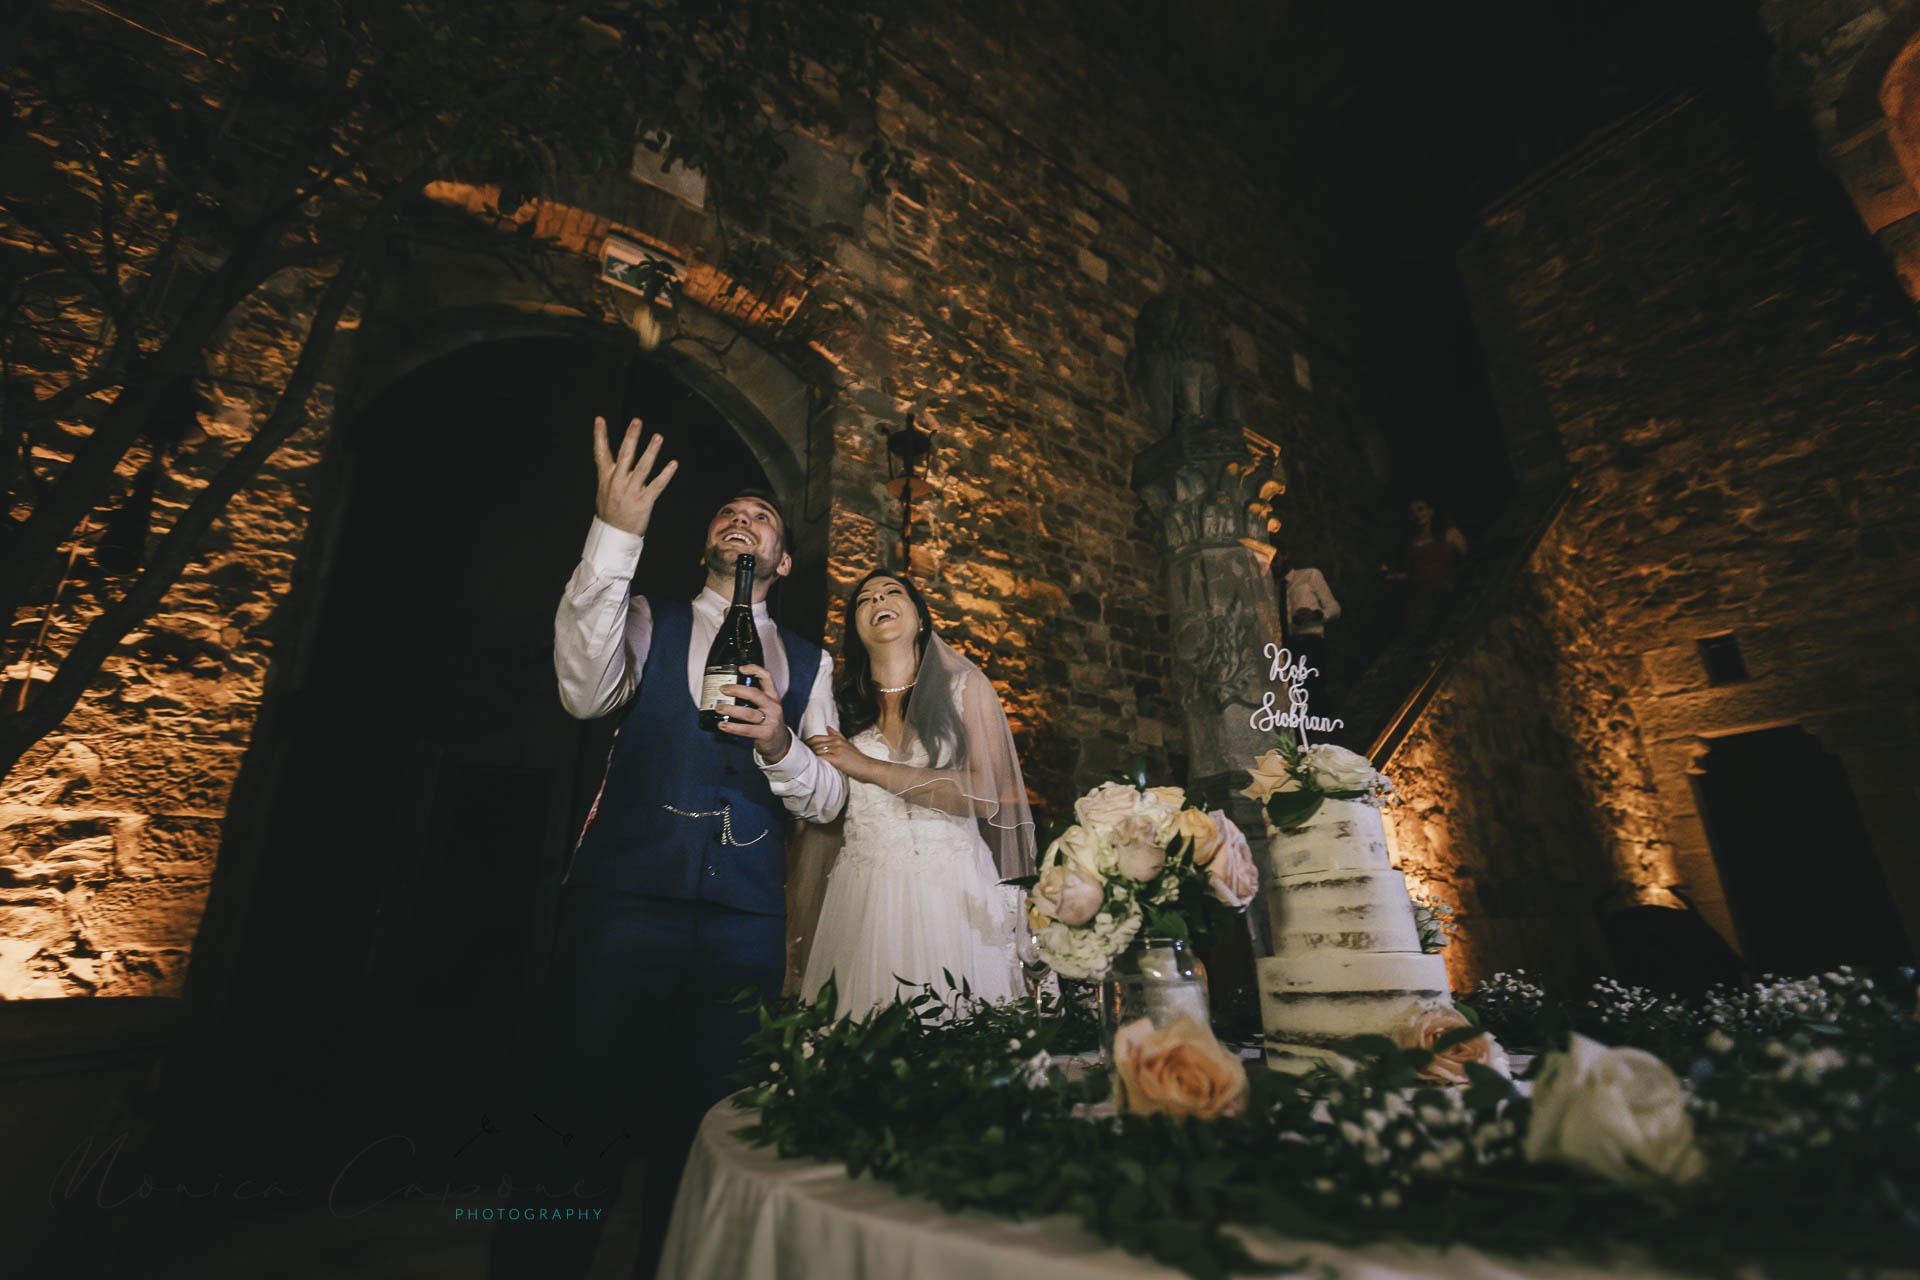 servizio-fotografico-matrimonio-a-firenze